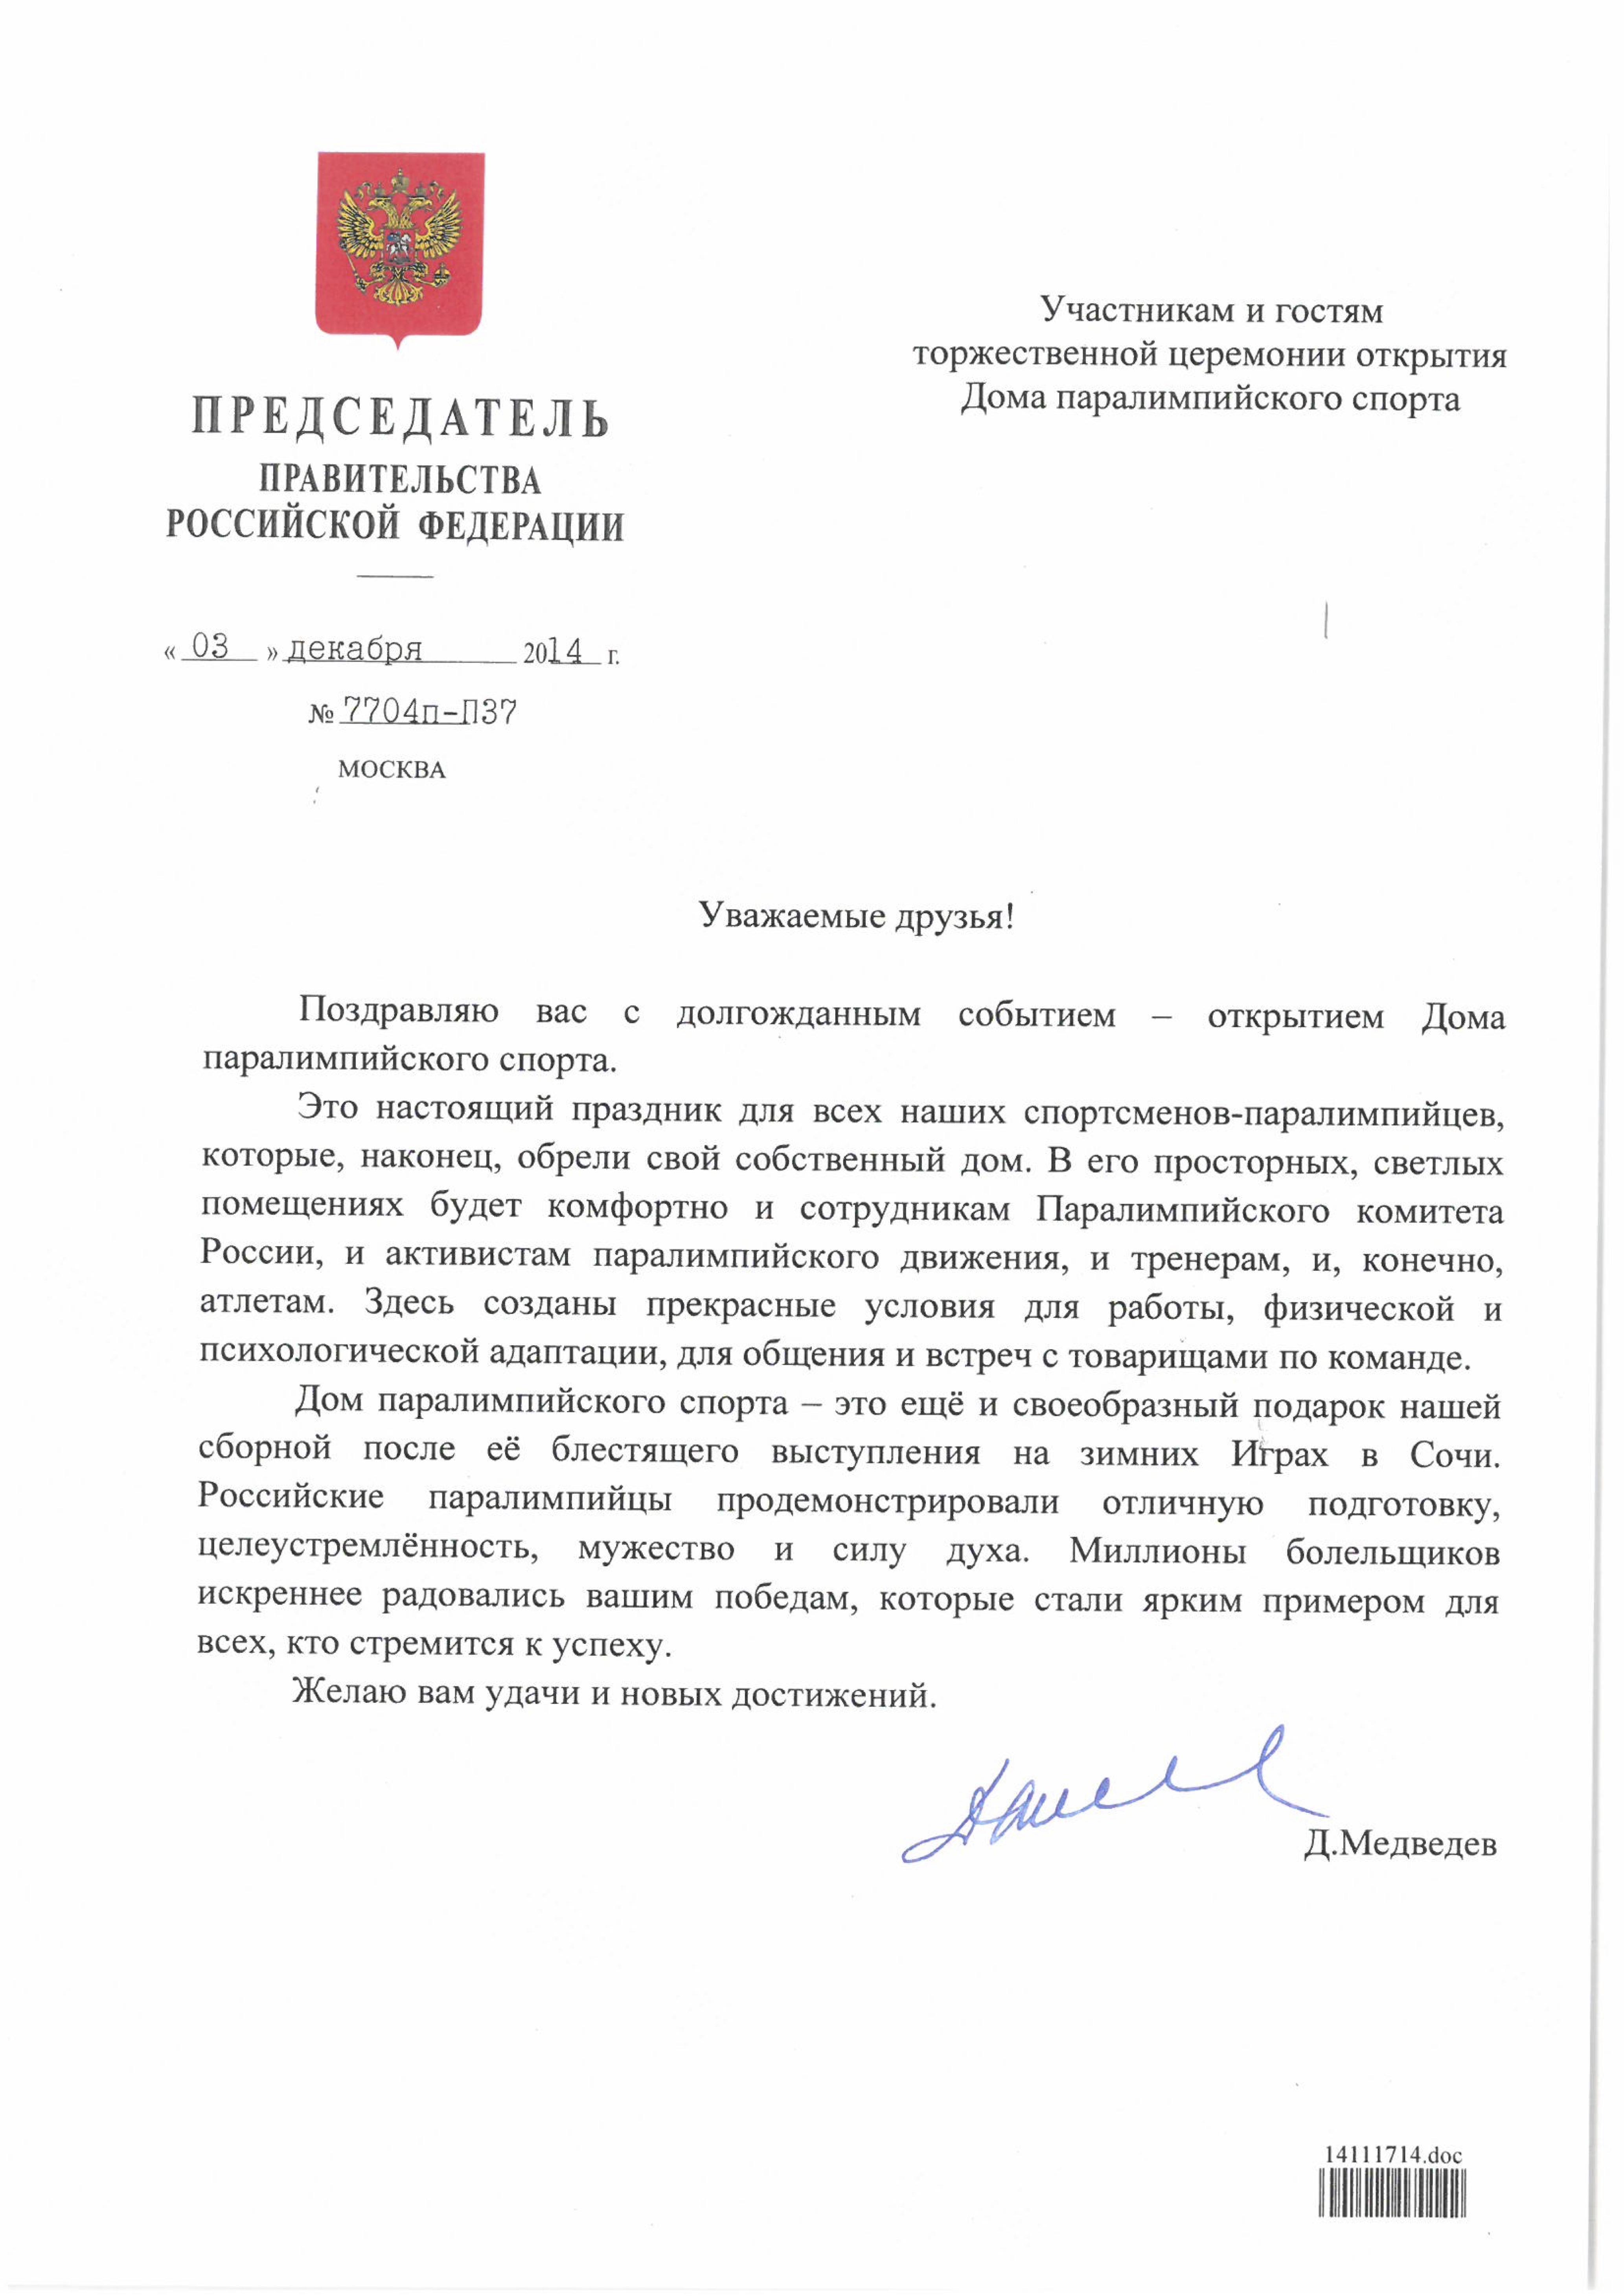 Председатель Правительства Российской Федерации Д.А. Медведев поздравил с открытием Дома паралимпийского спорта